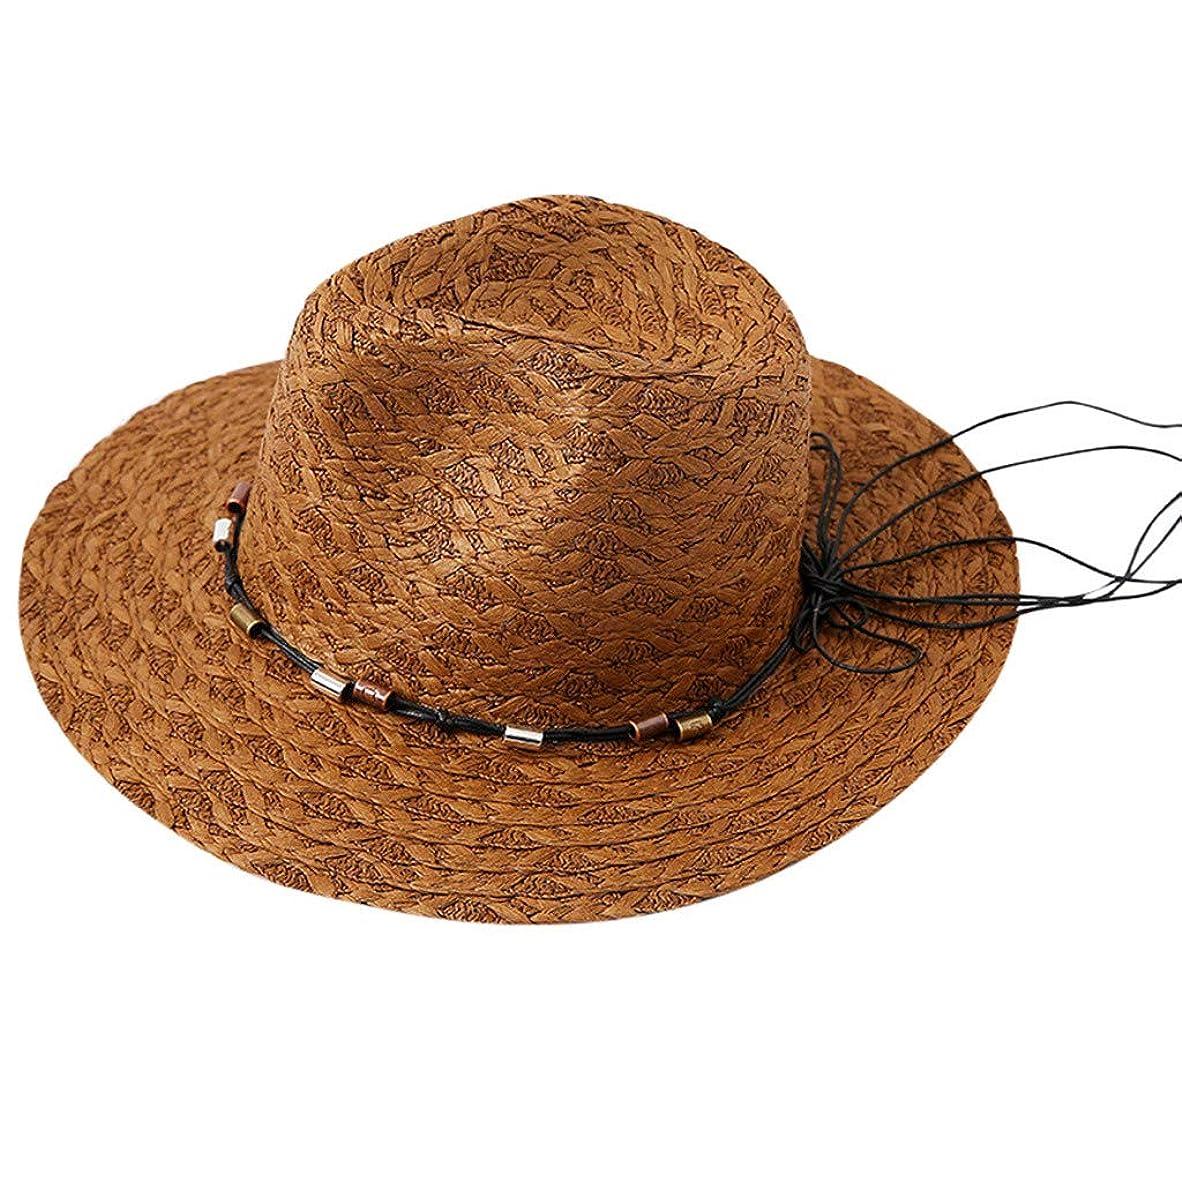 シーケンスコンプライアンスブラジャー麦わら帽子 レディース UVカット ハット つば広 帽子 サイズ調整 テープ ハット 日除け キャップ レディース 小顔効果 紫外線防止 レディース 日よけ 日常用 可愛い ペーパーハット 紫外線対策 日焼け防止 ROSE ROMAN